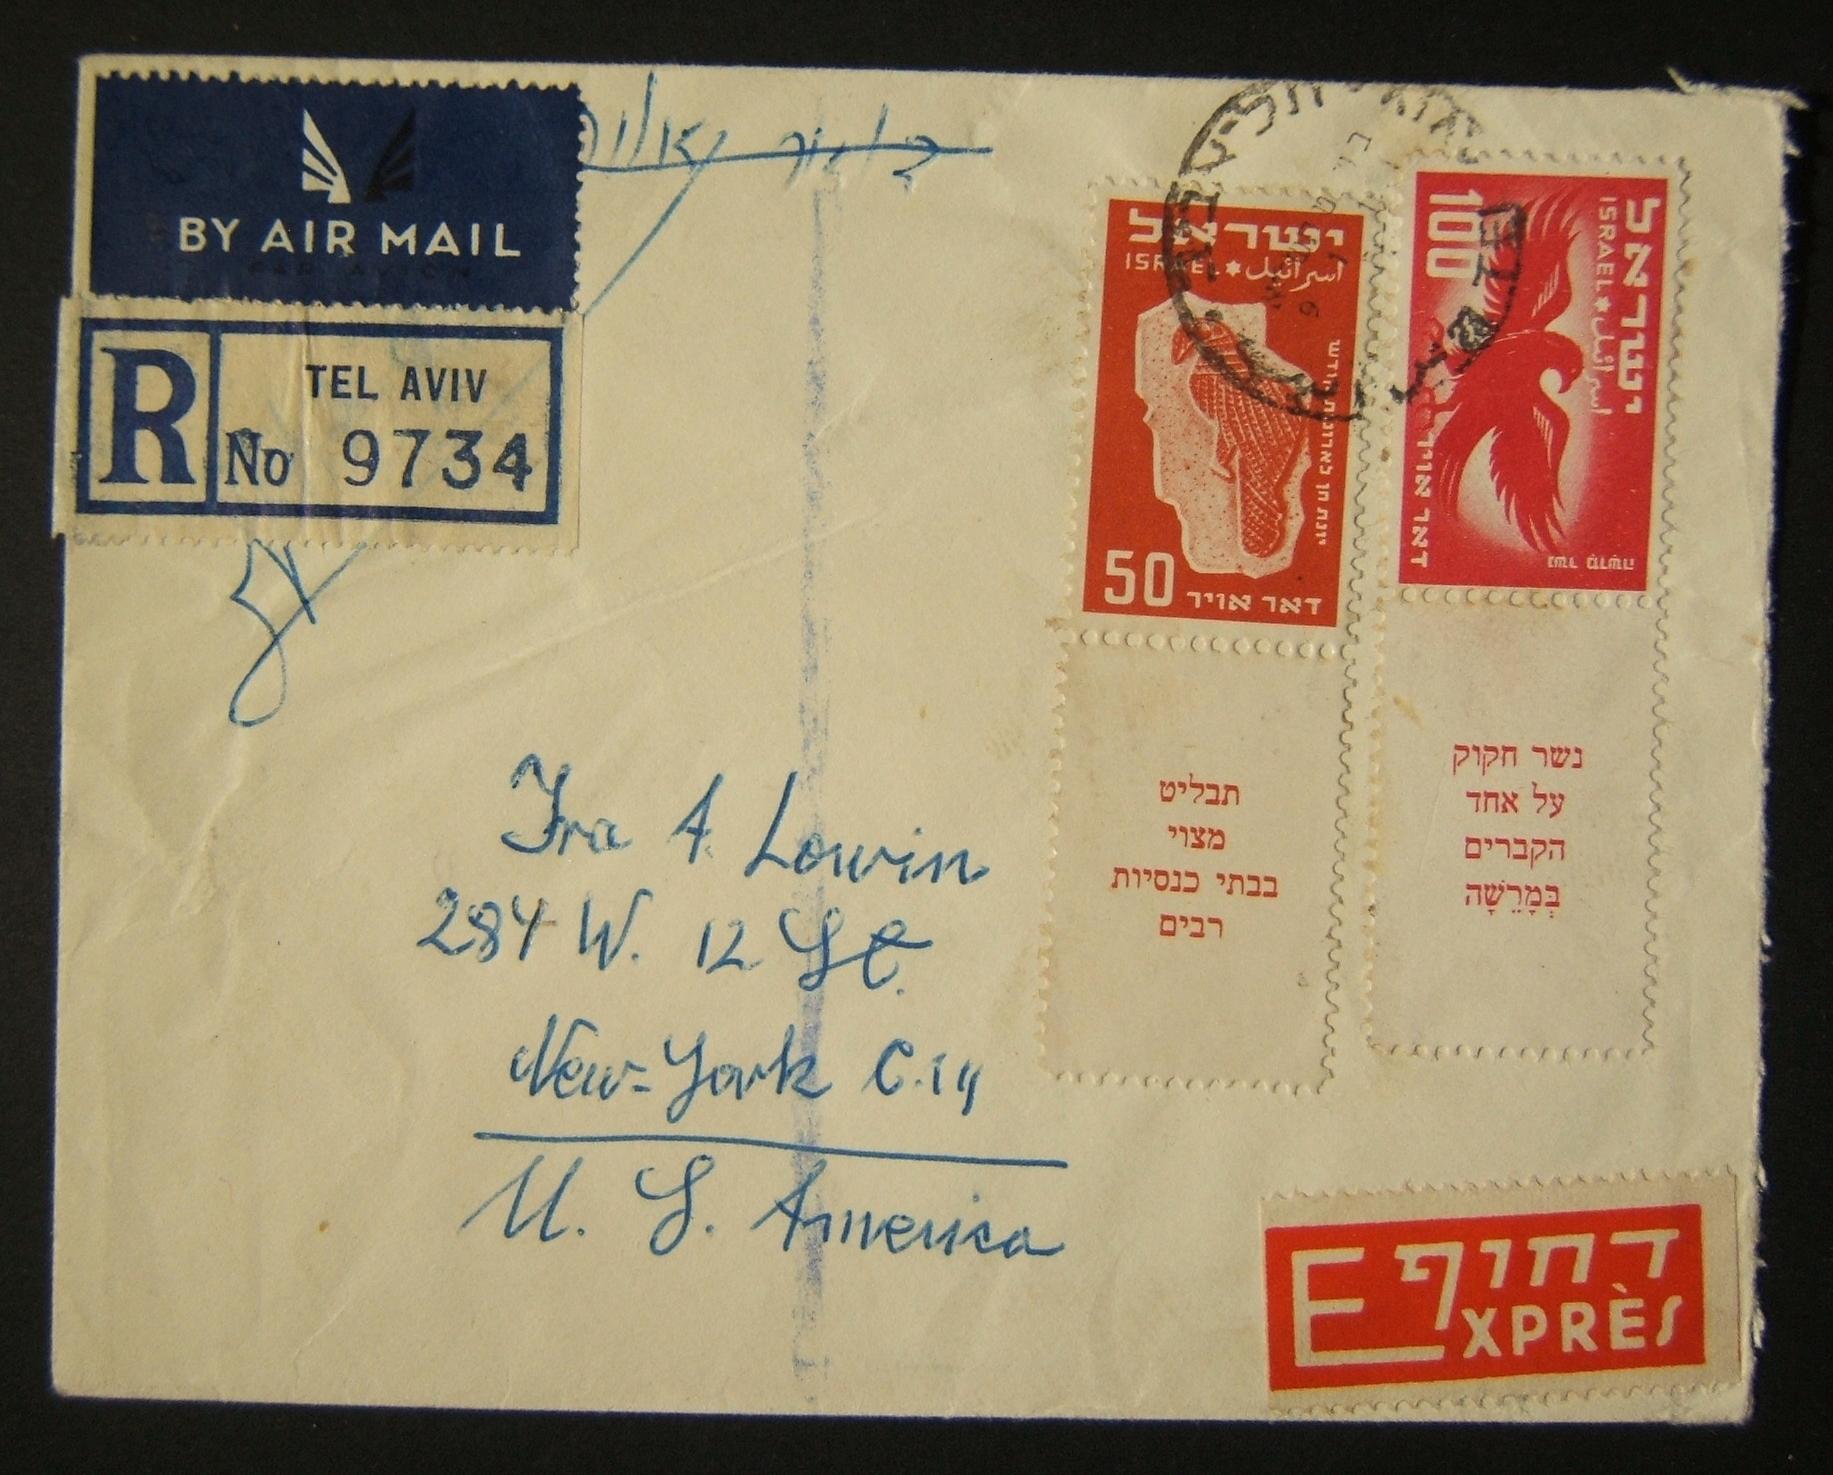 1/1951 عبر البريد السريع إلى الولايات المتحدة باستخدام طوابع بريدية أولية 50pr و 100pr